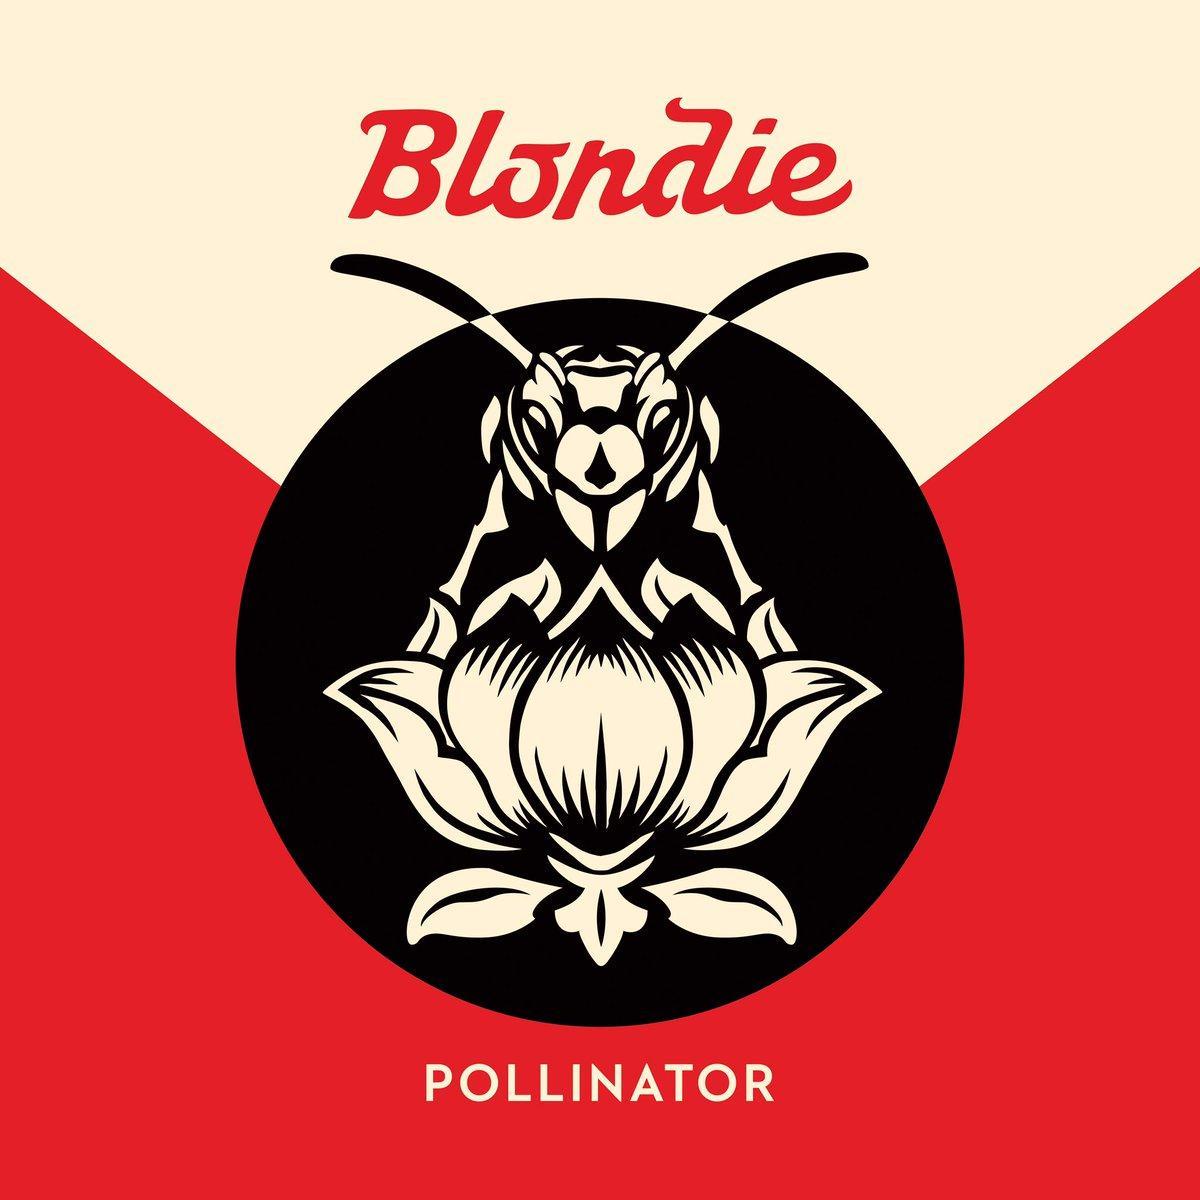 """""""Pollinator"""", also """"Bestäuber"""", heißt das neue Blondie- Album (BMG). Das Besondere: Viele Stars, die von der Band beeinflusst wurden, sind bei dieser fruchtbaren Zusammenarbeit dabei. Debbie Harry formuliert es so: """"Hier wird Recycling zelebriert"""""""